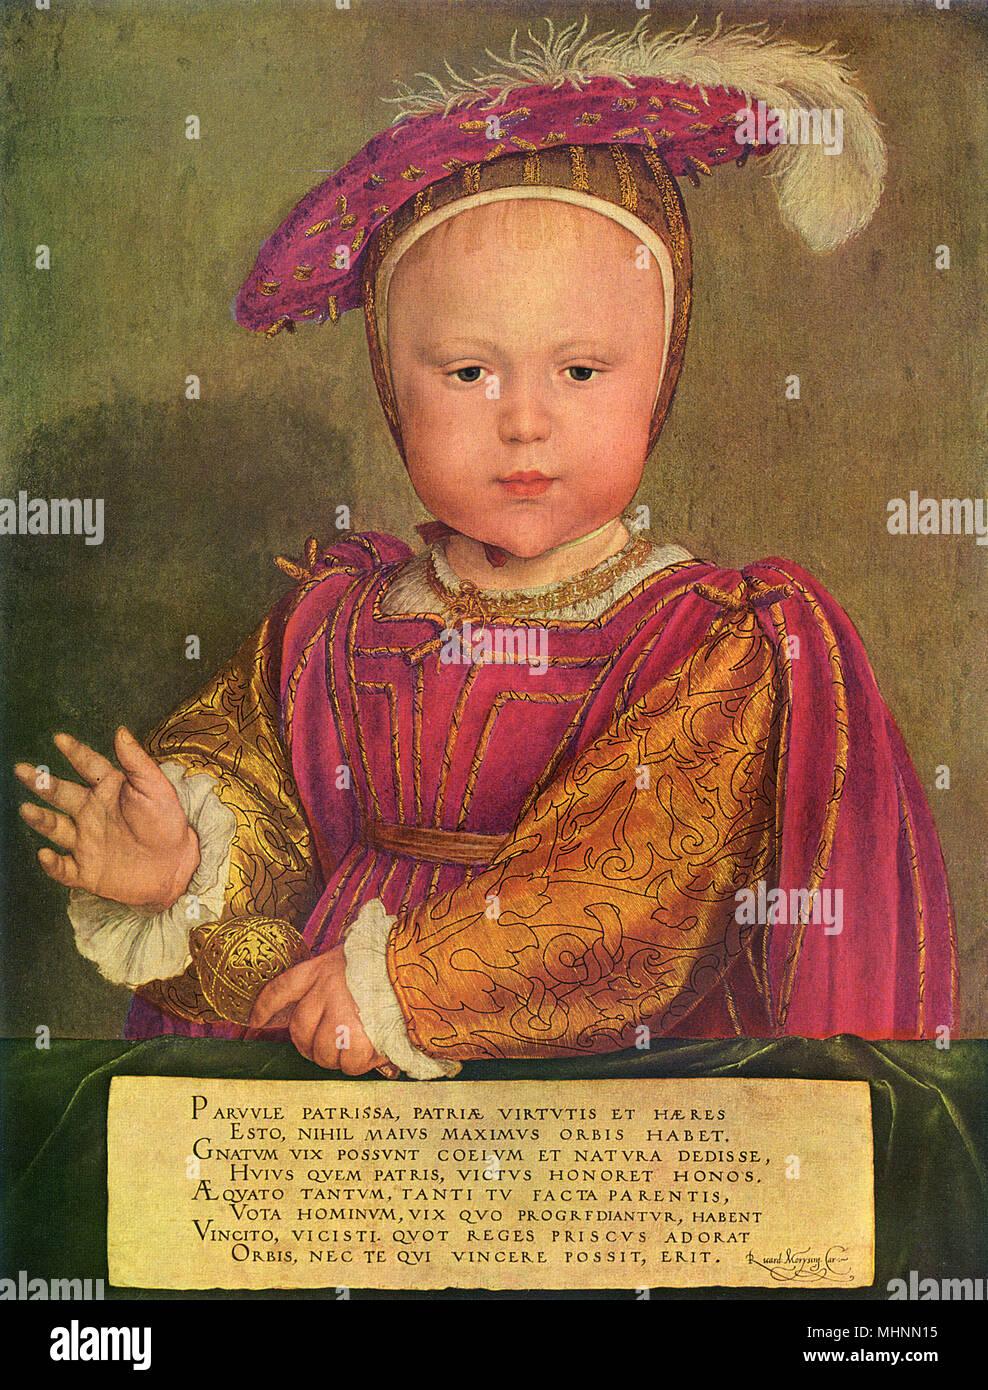 Edward VI (1537-1553) come un bambino, da Hans Holbein il Giovane, 1538, tedesco/inglese pittura, olio su pannello. Tudor Re Enrico VIII figlio ed erede dal suo matrimonio con Jane Seymour, come da un anno un bambino. Edward detiene un sonaglio come se si trattasse di un monarca scettro del. Data: 1538 Immagini Stock